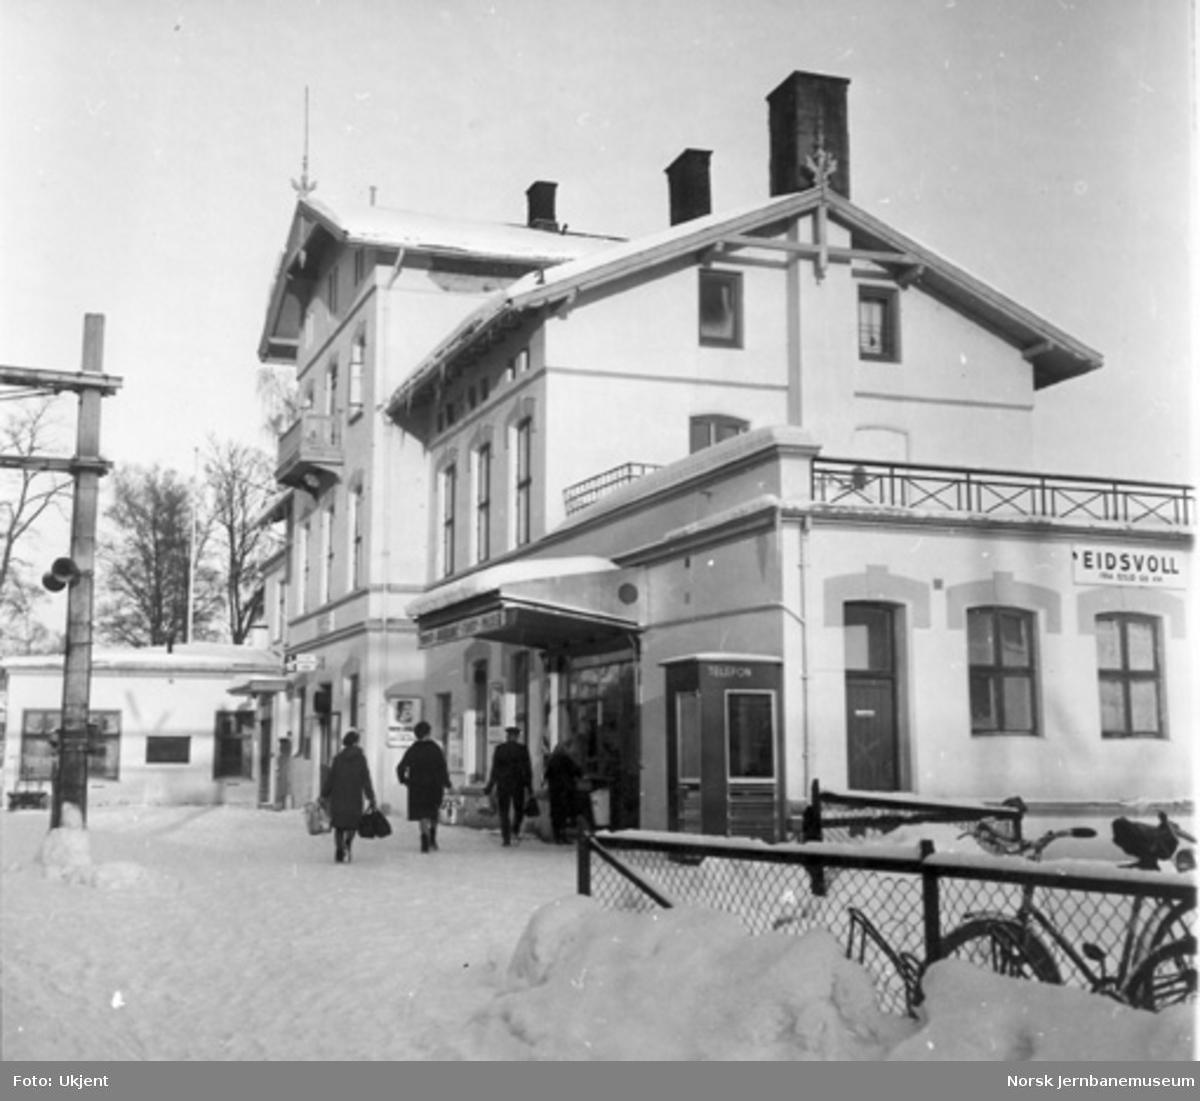 Eidsvoll stasjonsbygning